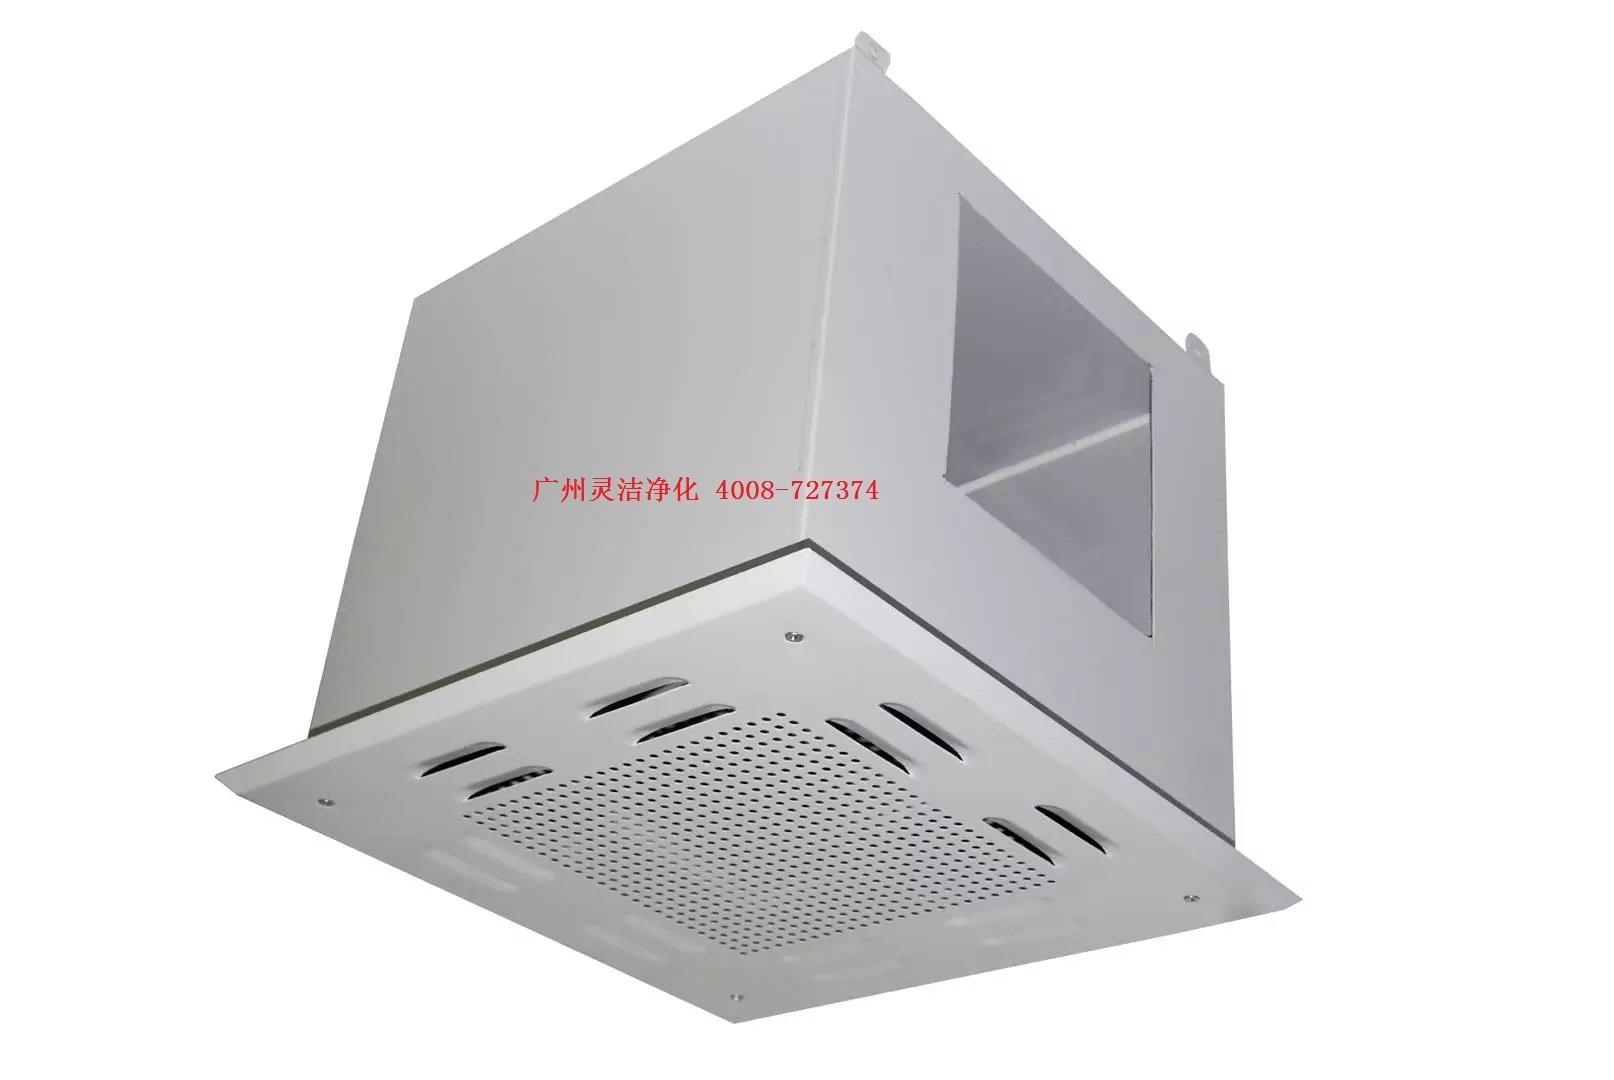 无尘室高效送风口|无尘车间高效送风口|洁净室高效送风口